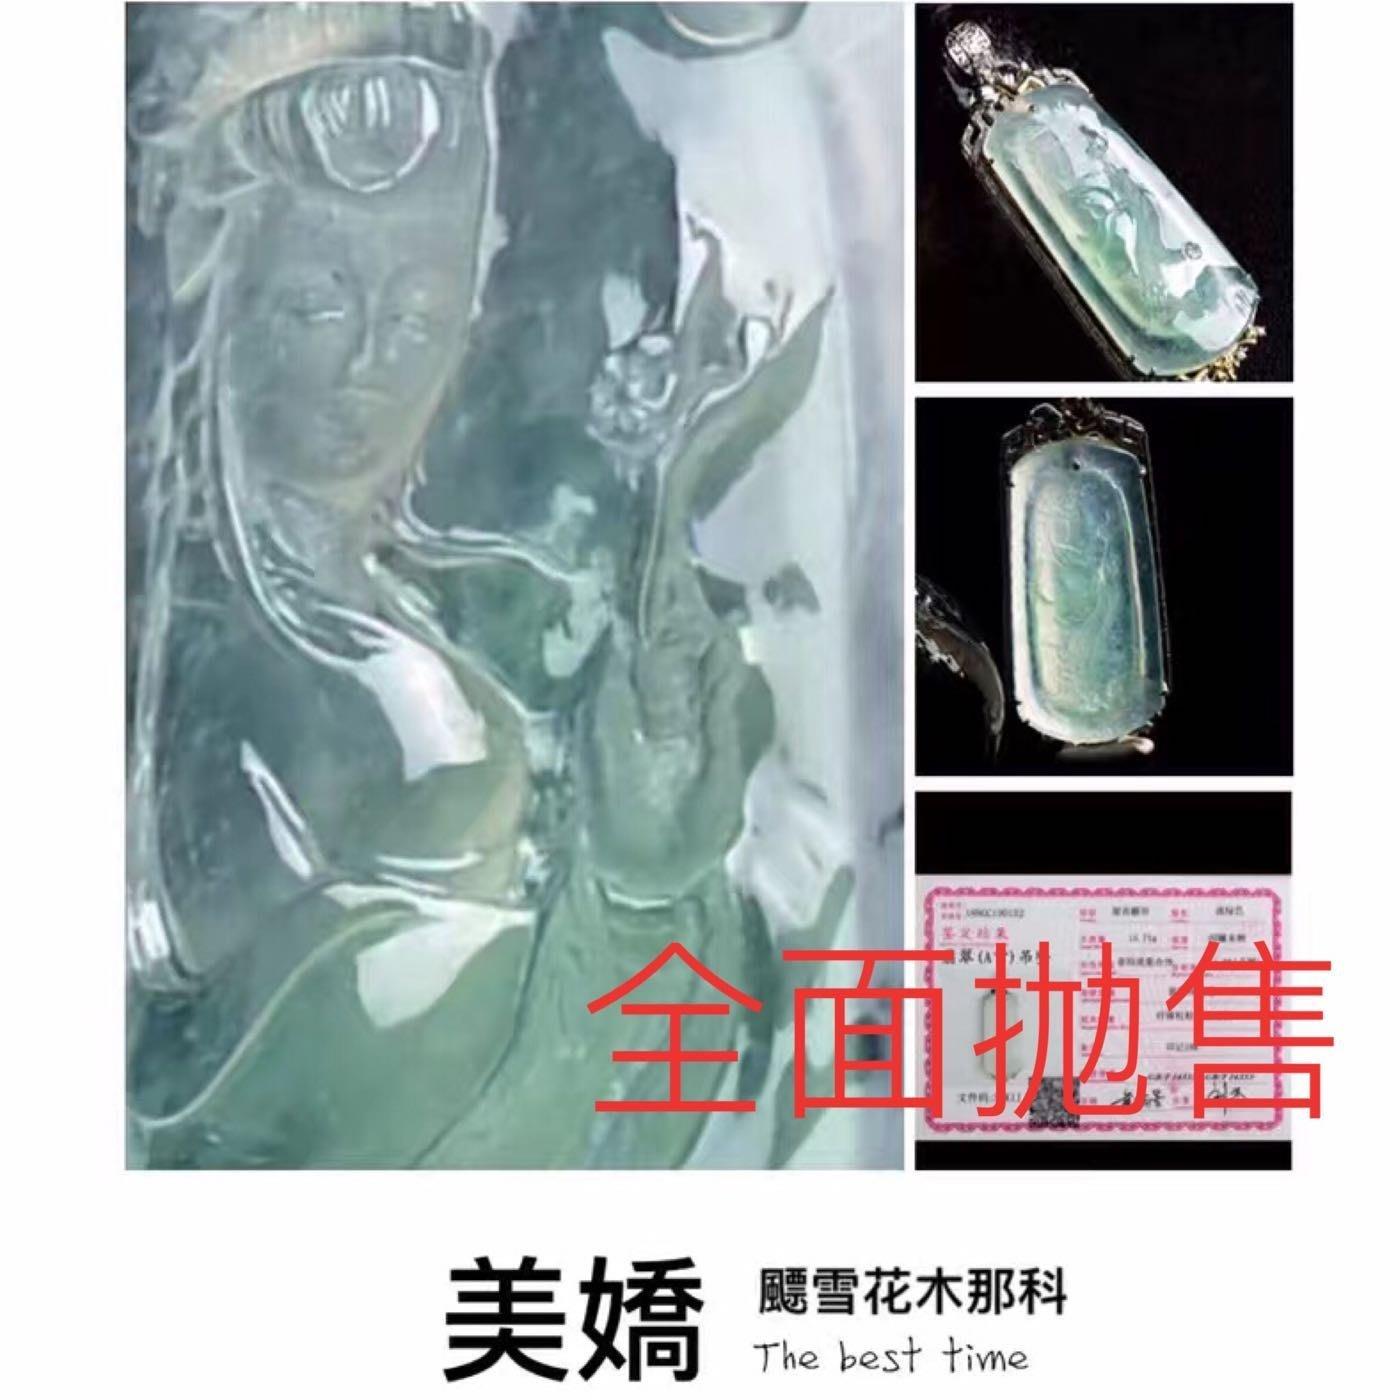 【福報來了】仵志國大師用特殊雪花的木那科高冰種翡翠雕出唯美美嬌娘(編號318)